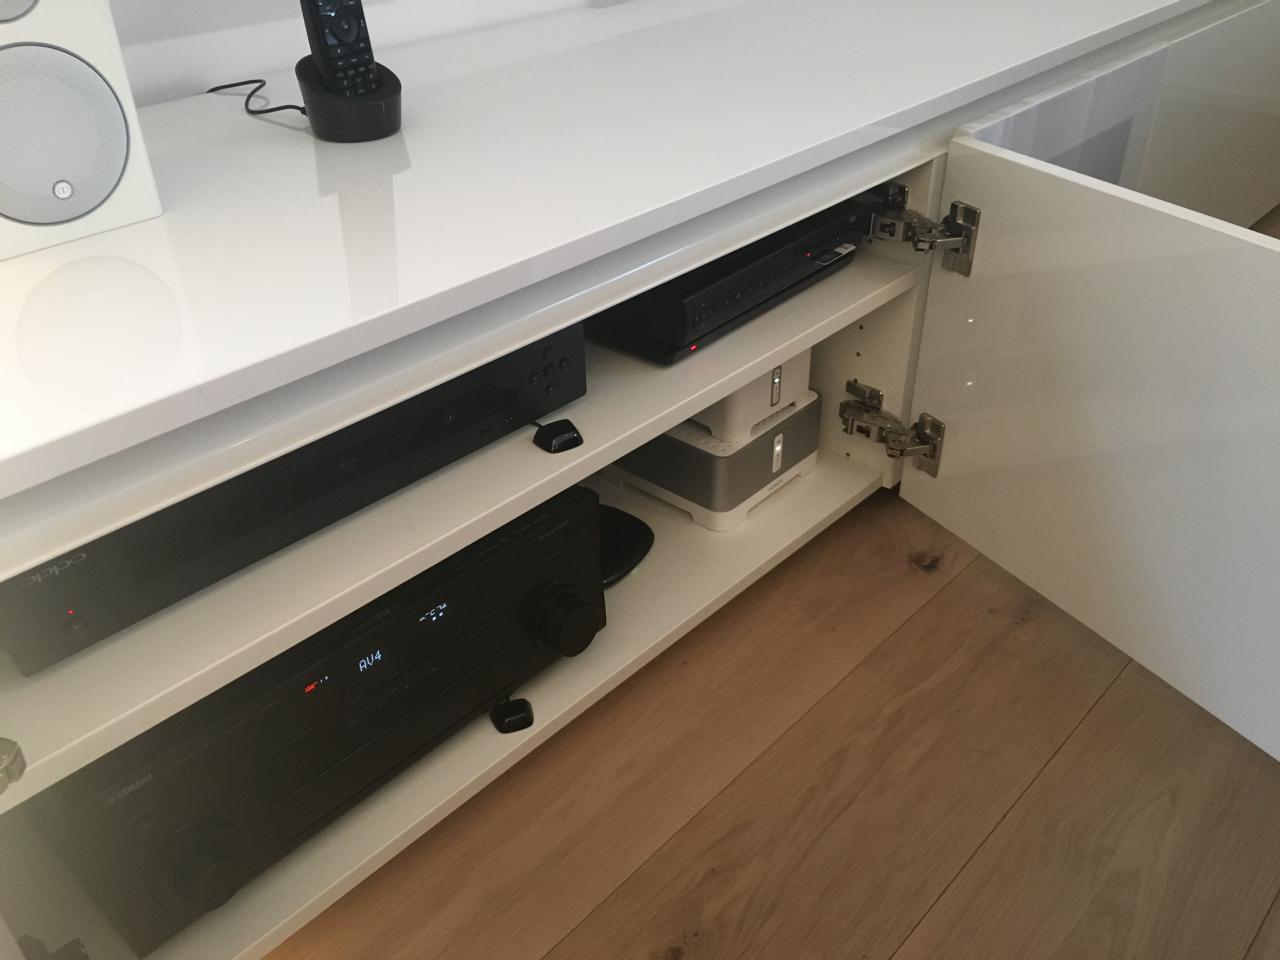 heimkino solveigh elegant und klangstark heimkinoraum. Black Bedroom Furniture Sets. Home Design Ideas